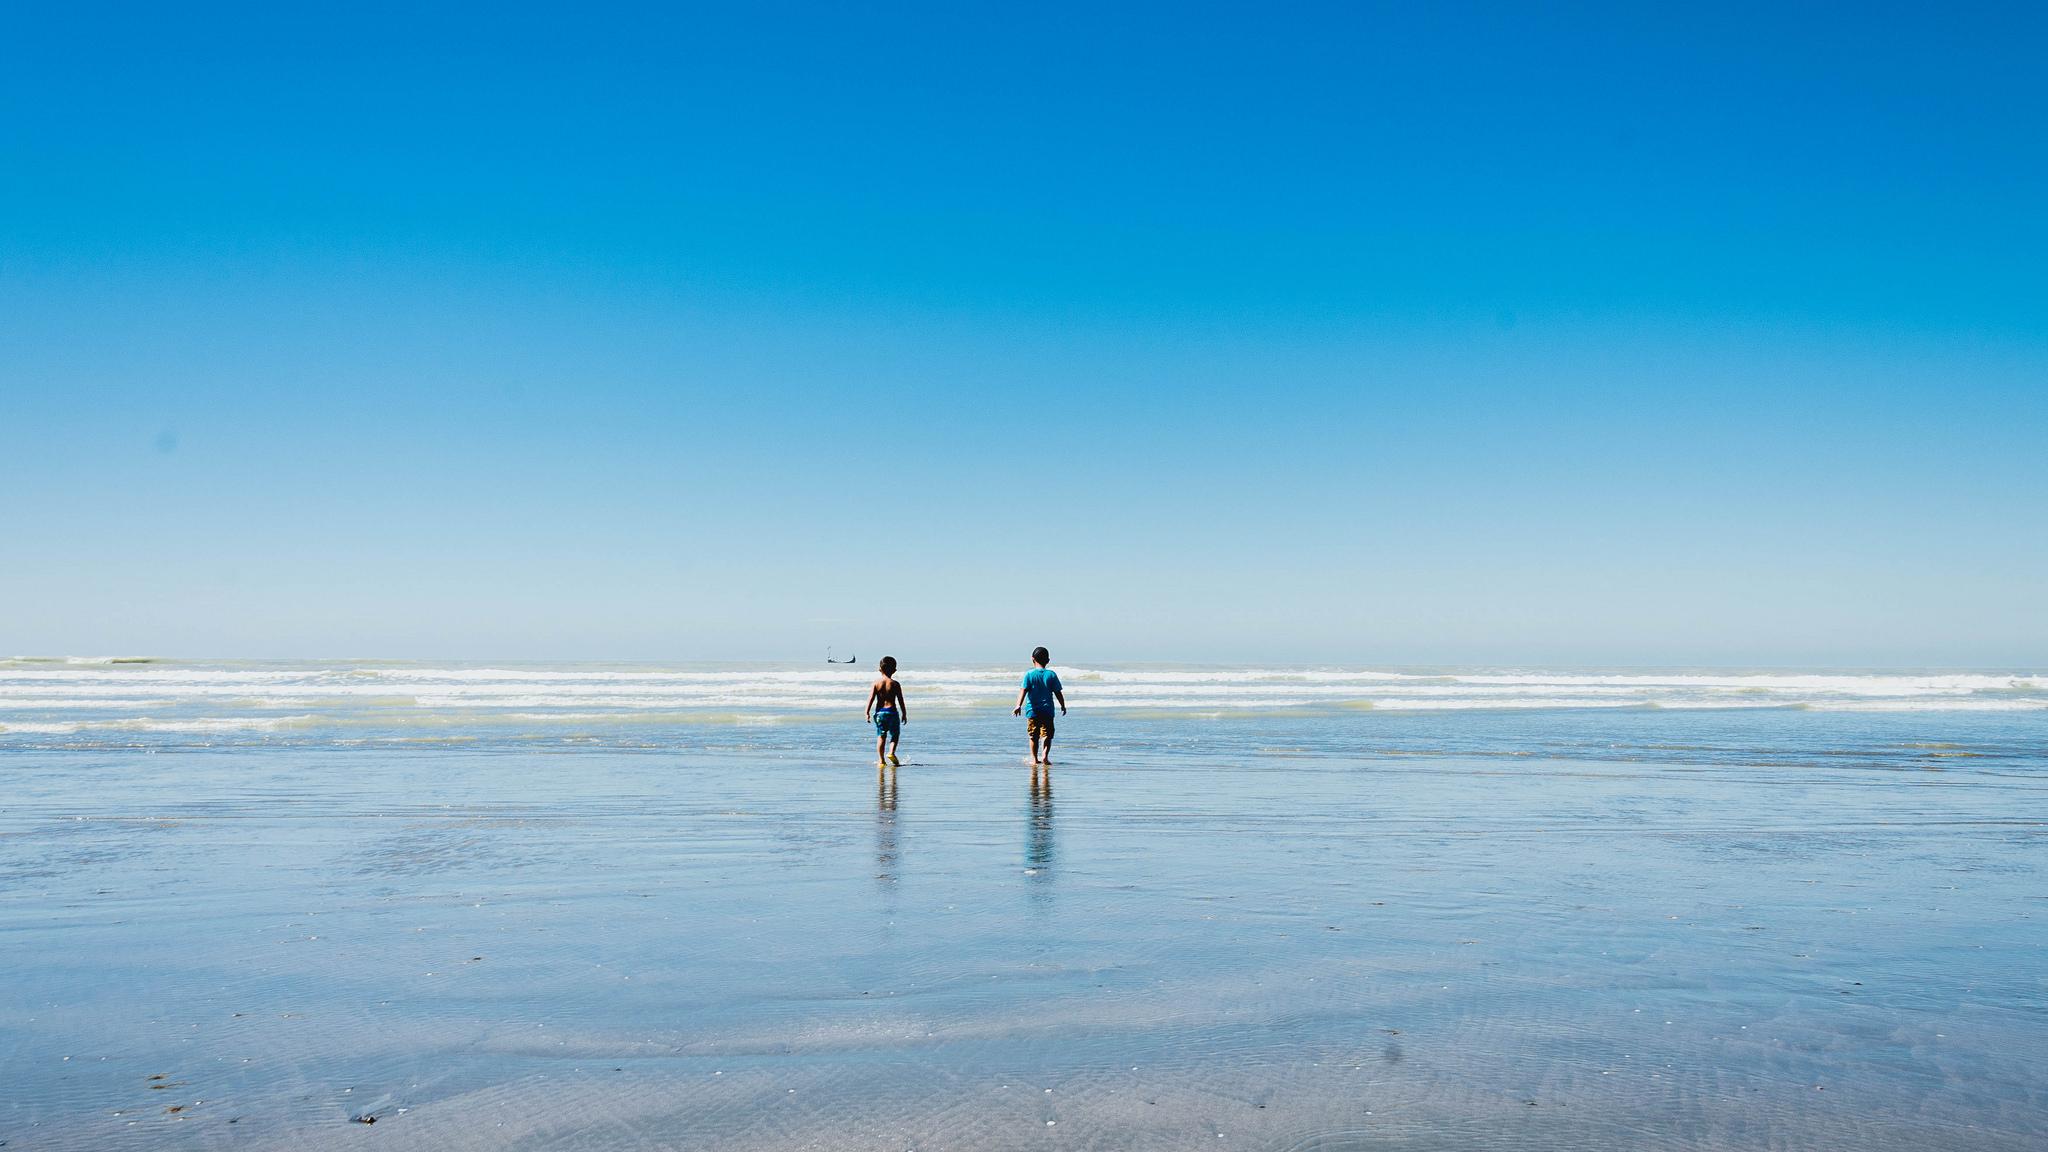 Niños en la playas - 2048x1152